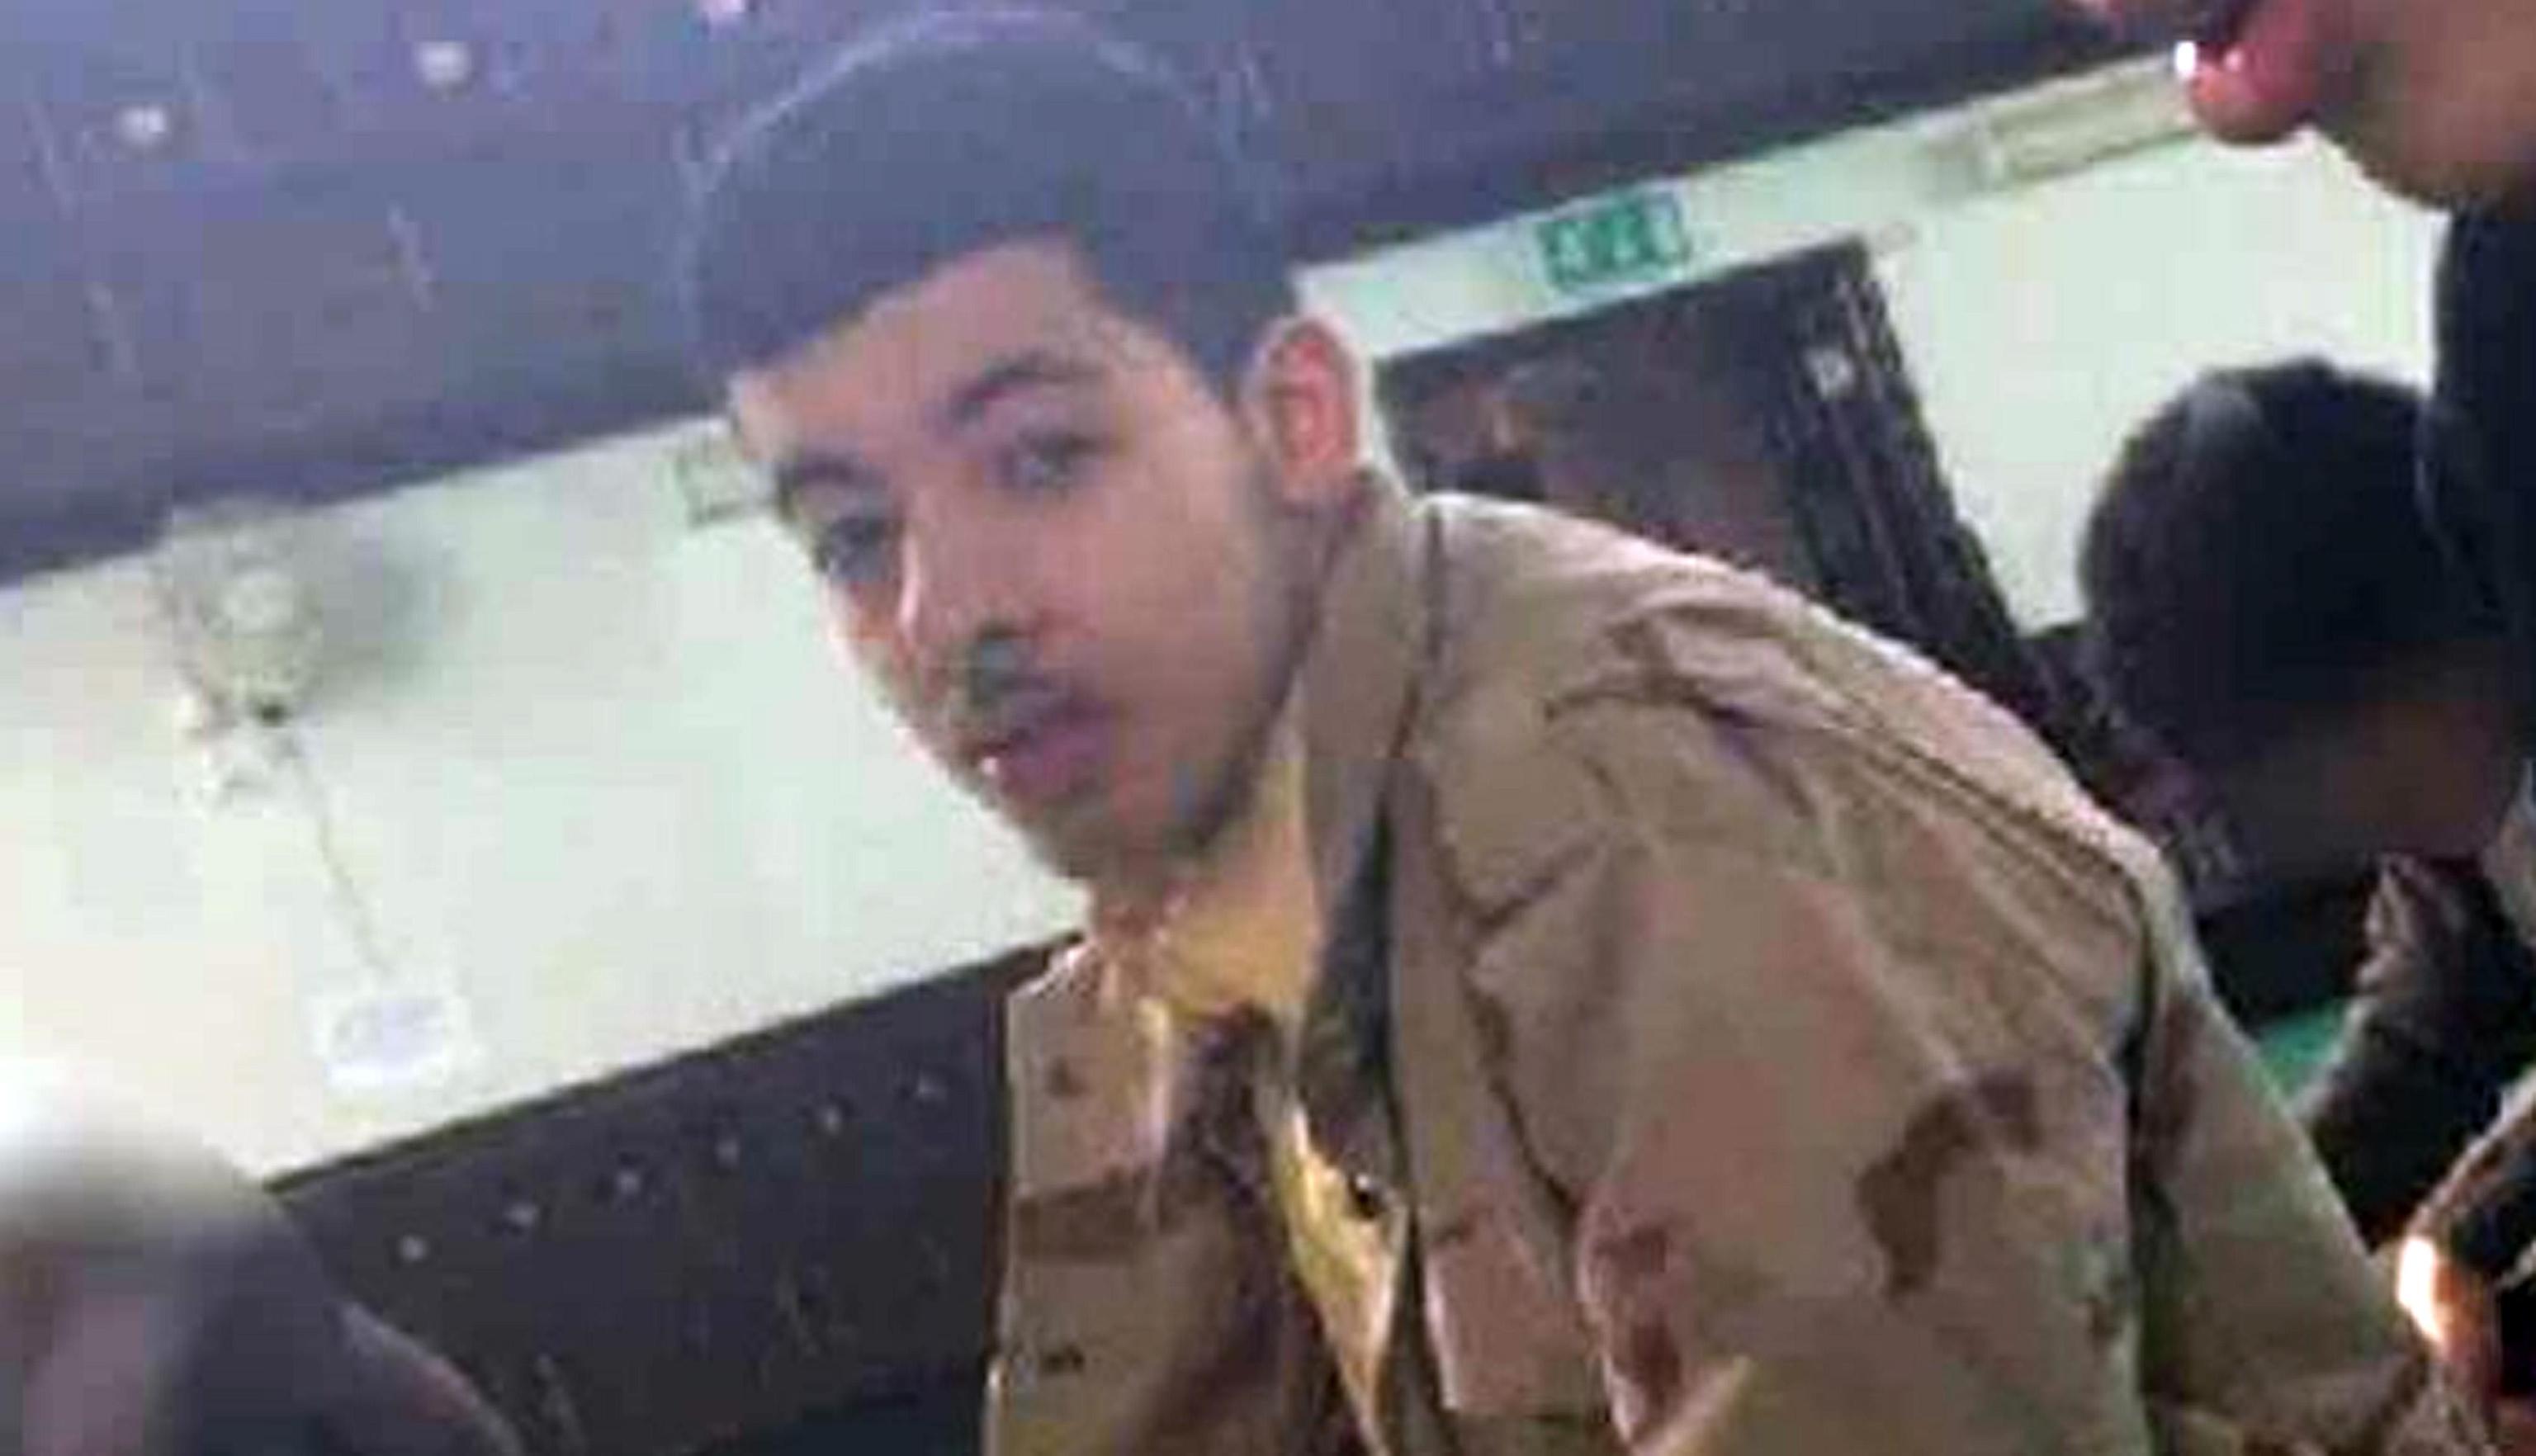 Attentato Manchester Arena, Salman Abedi è l'attentatore della strage al concerto di Ariana Grande